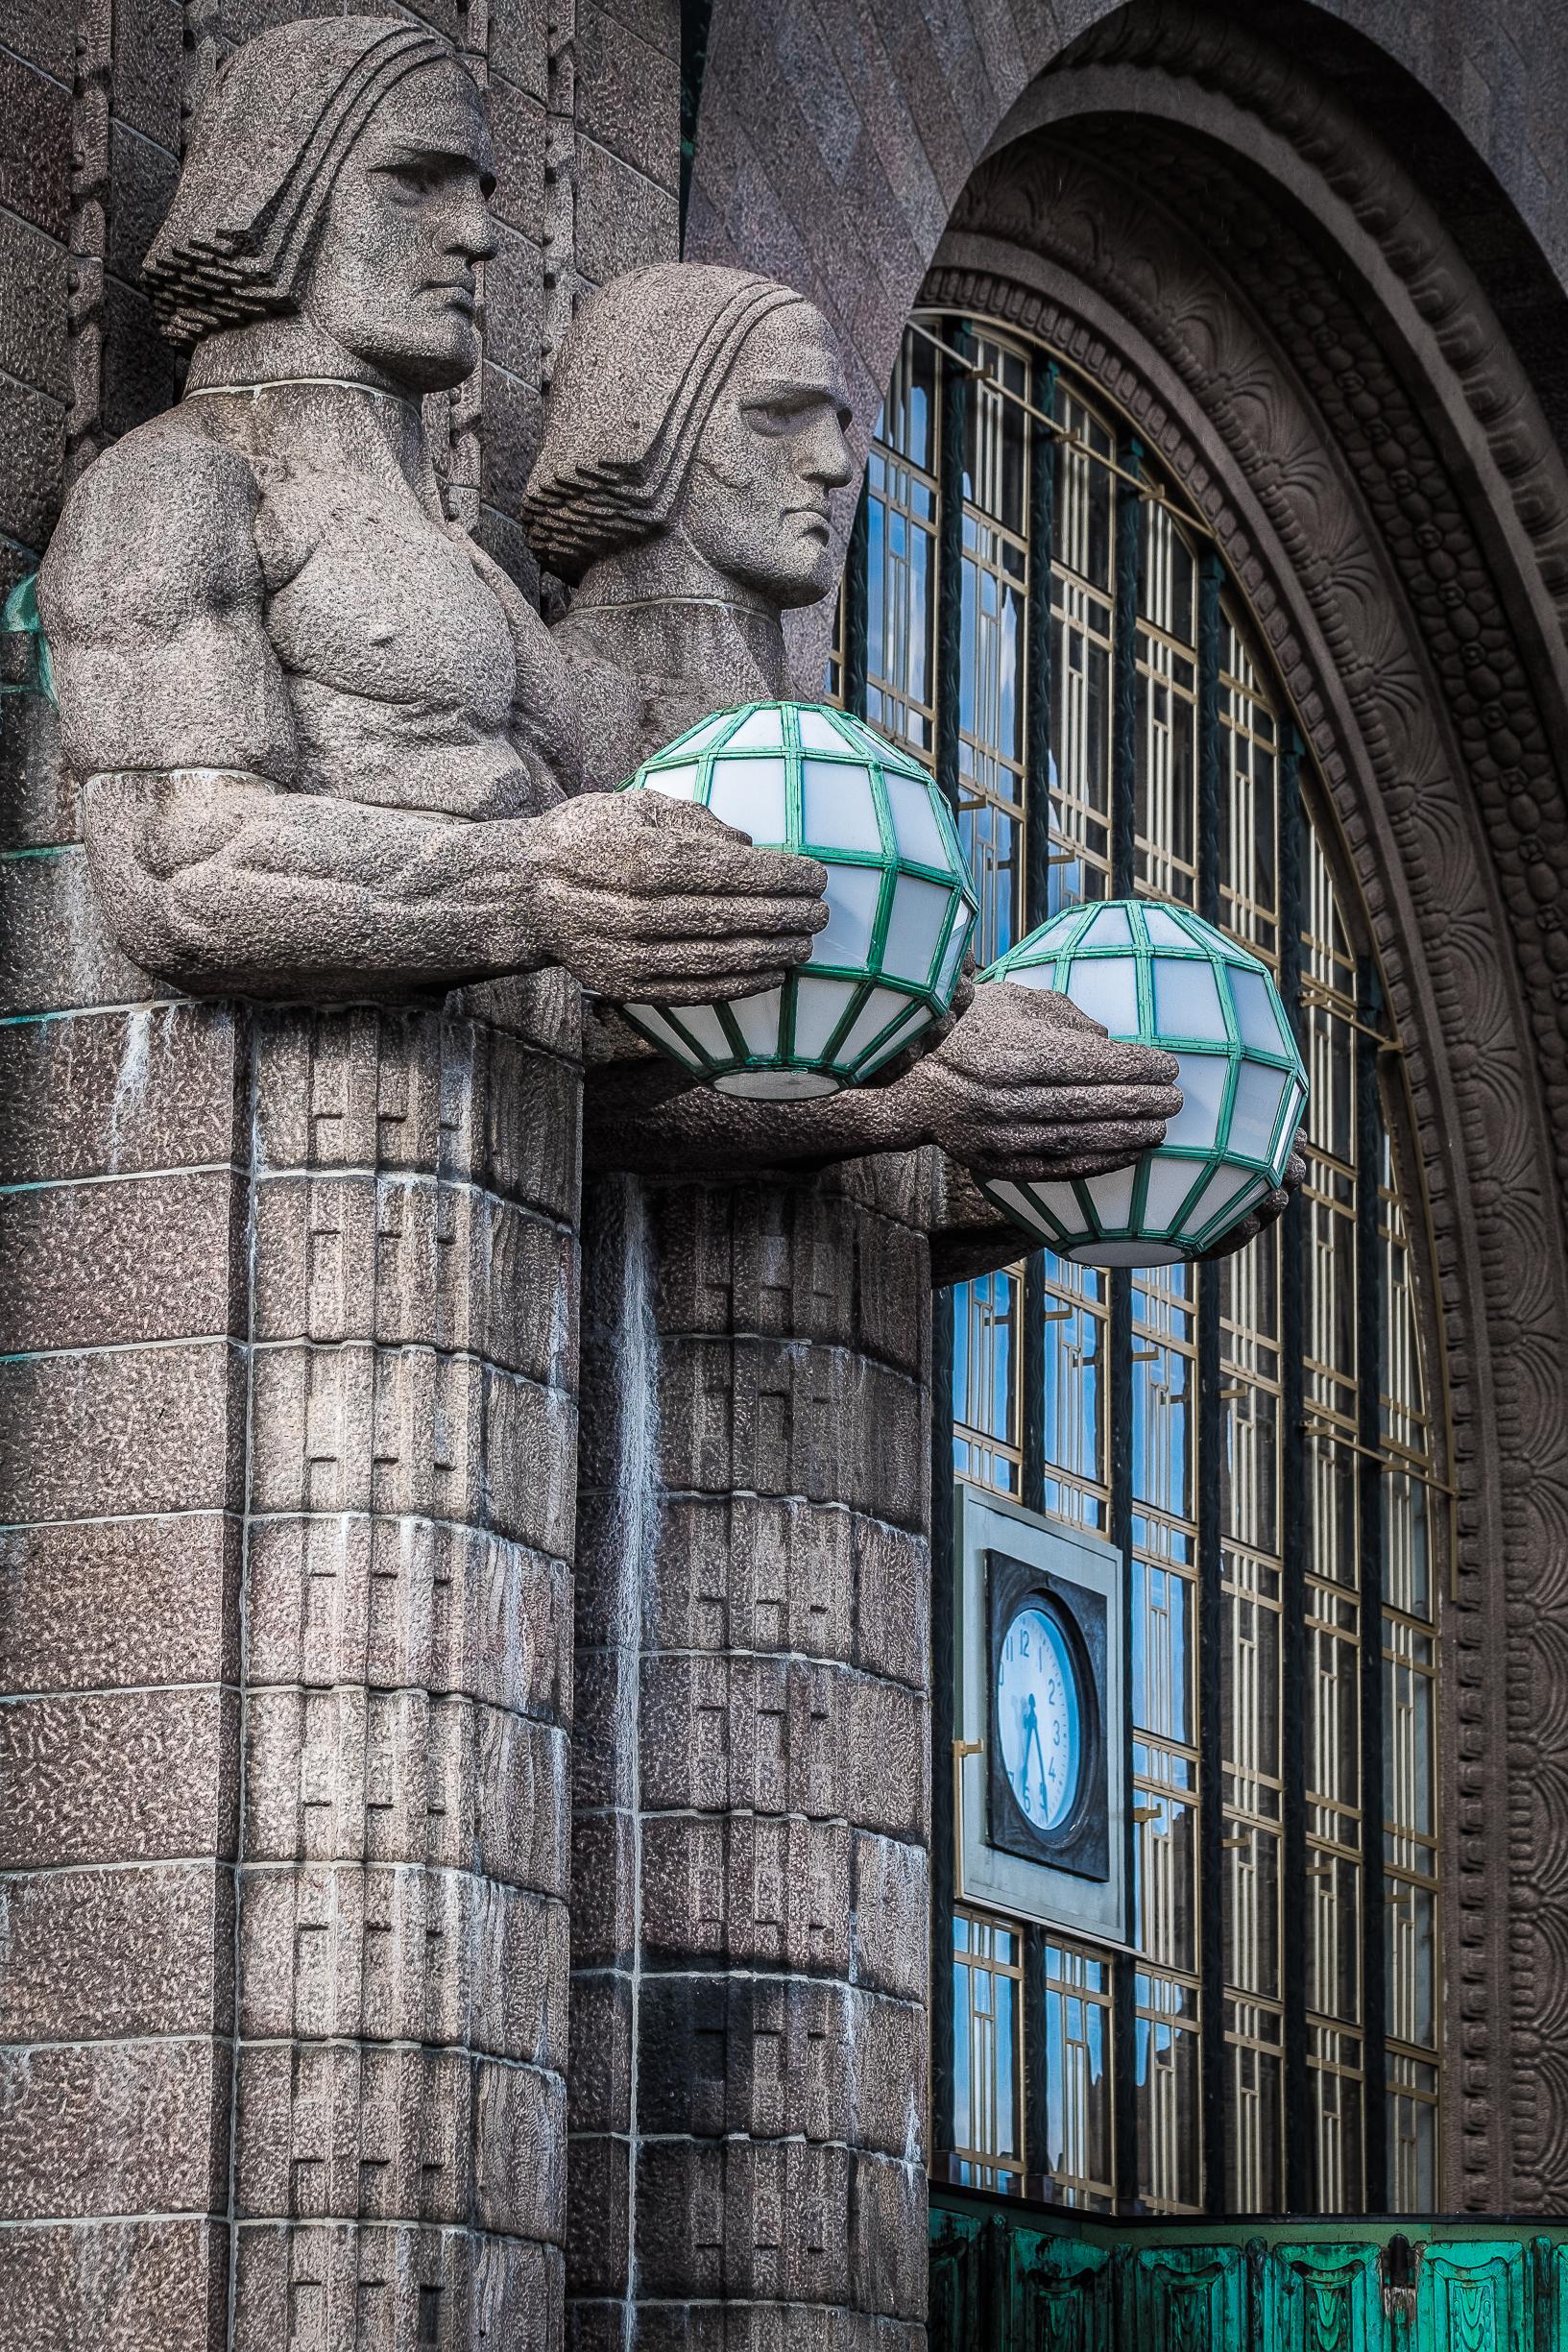 estacion-central-helsinki-jugenstil-modernismo gotham